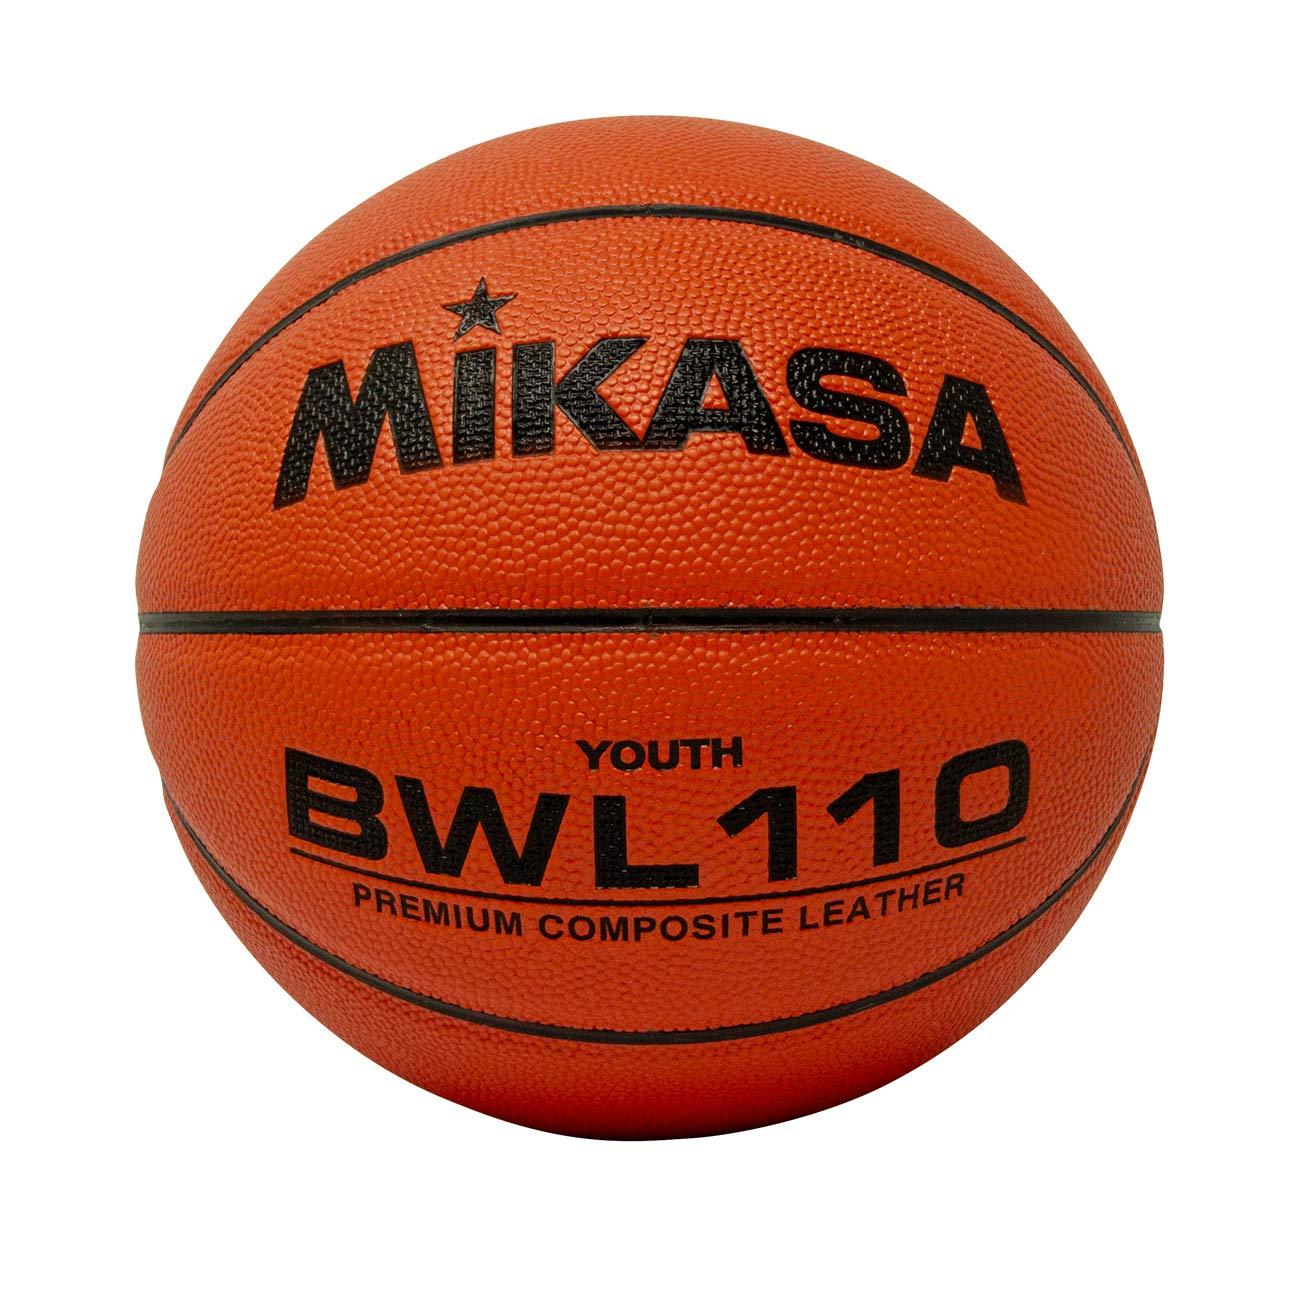 Mikasa BWL110 - Balón de Baloncesto, Color Naranja, tamaño ...